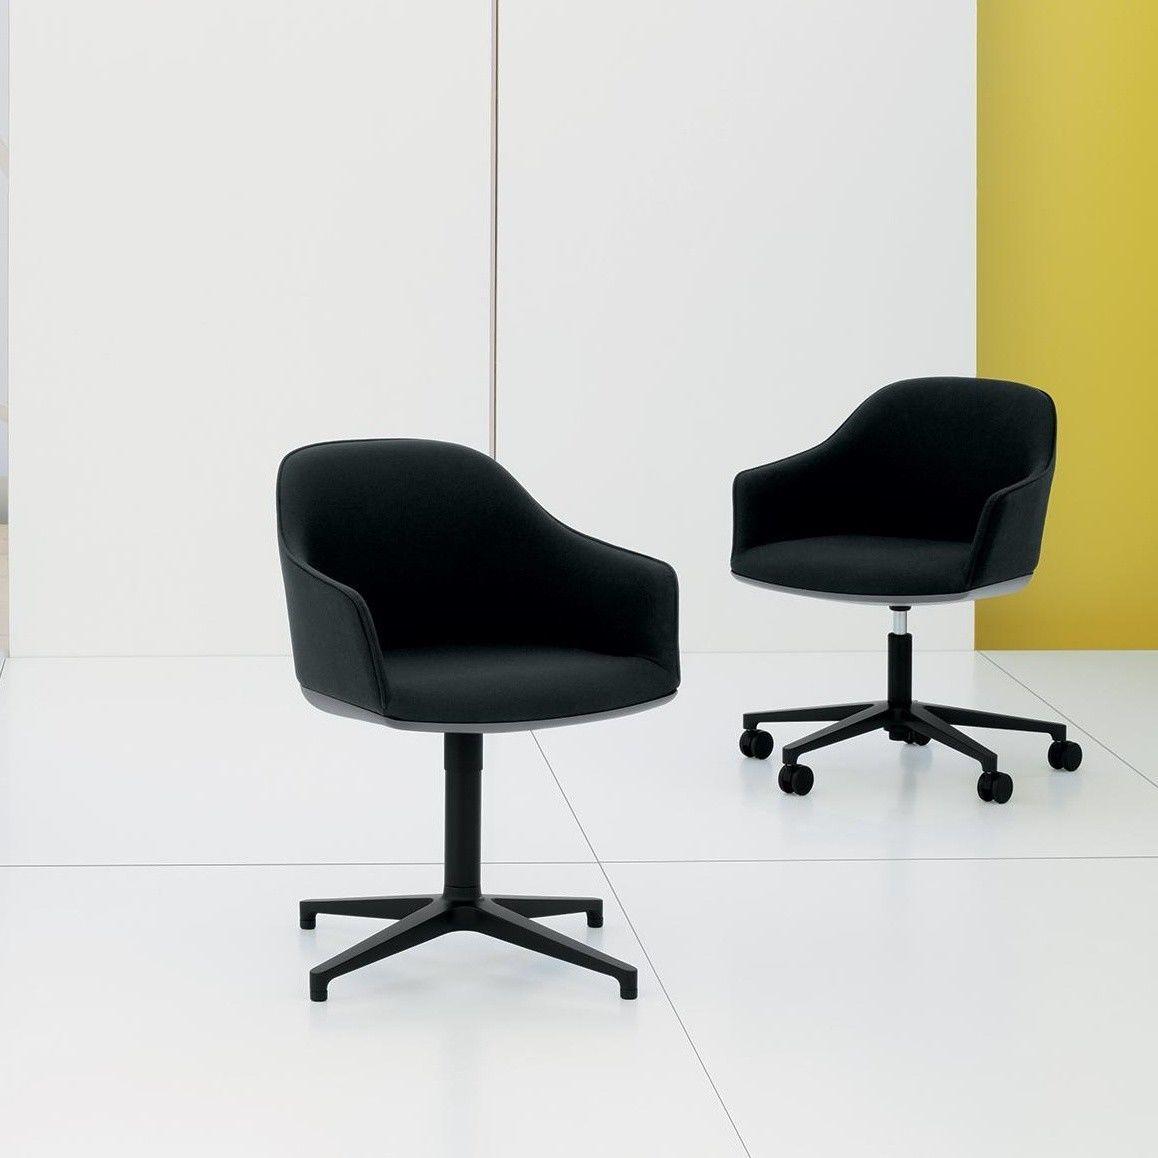 Vitra softshell chair chaise de bureau vitra - Chaise de bureau vitra ...